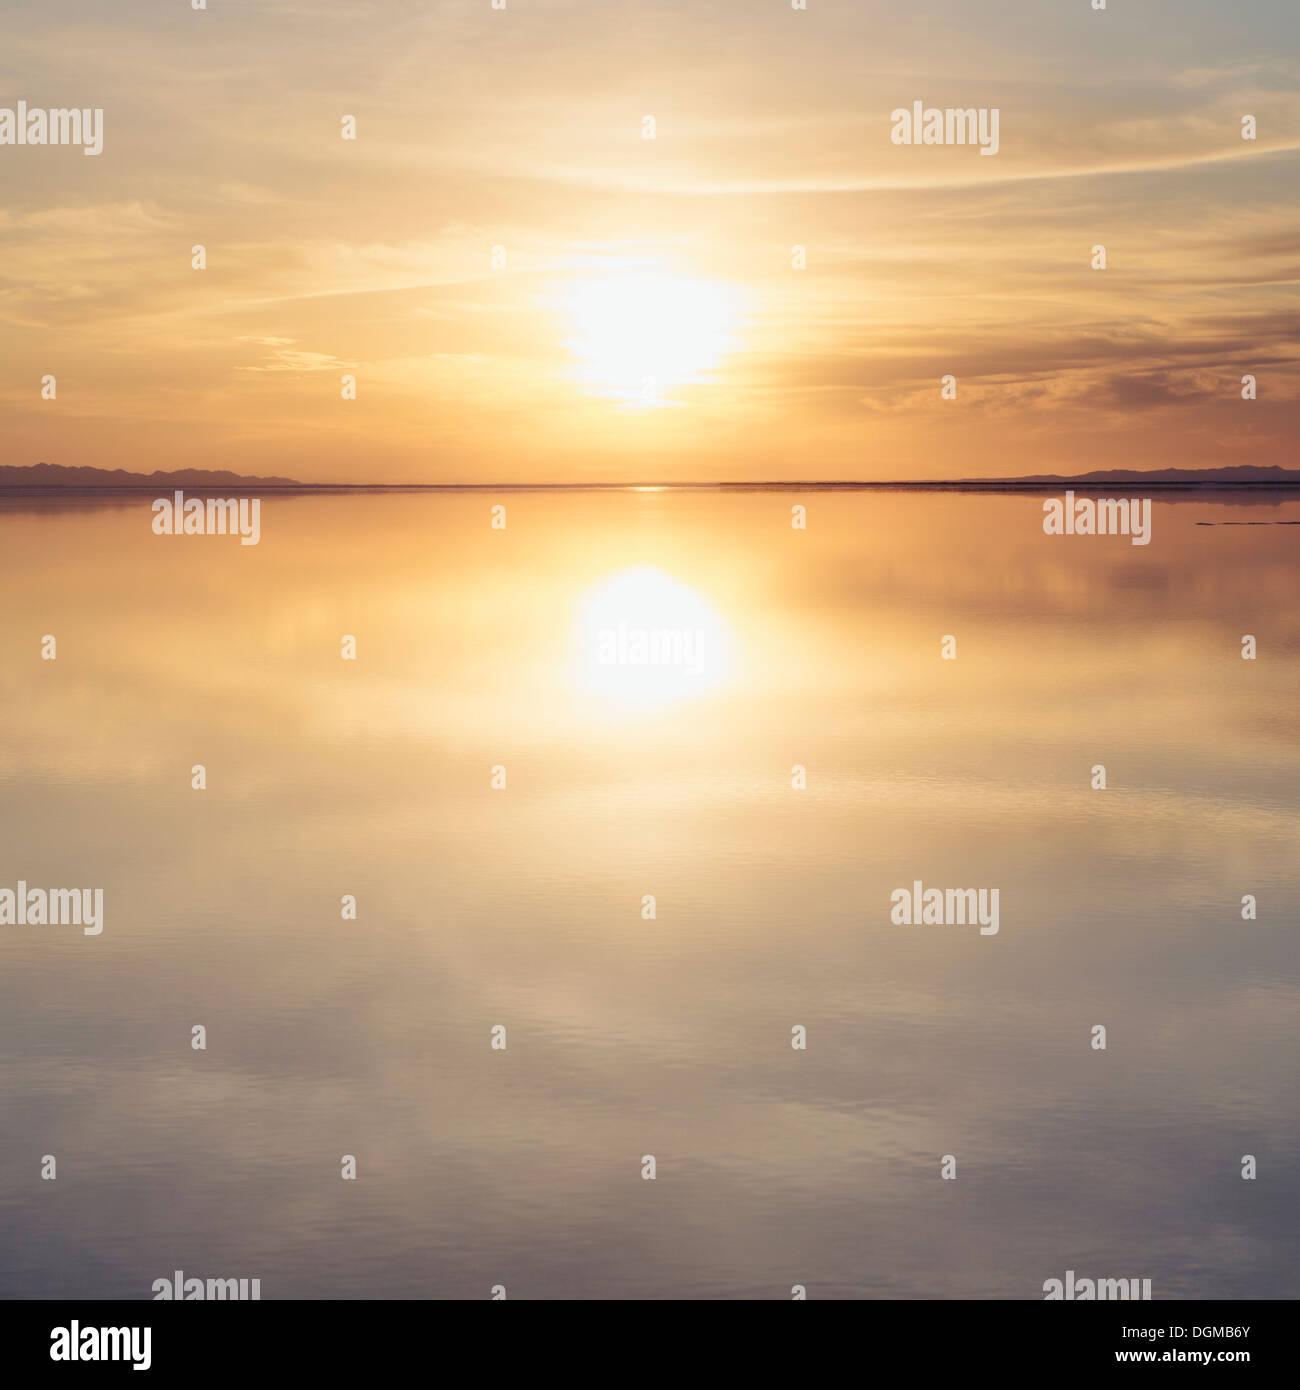 Aguas poco profundas sobre la superficie en las salinas de Bonneville, en la puesta de sol. Foto de stock